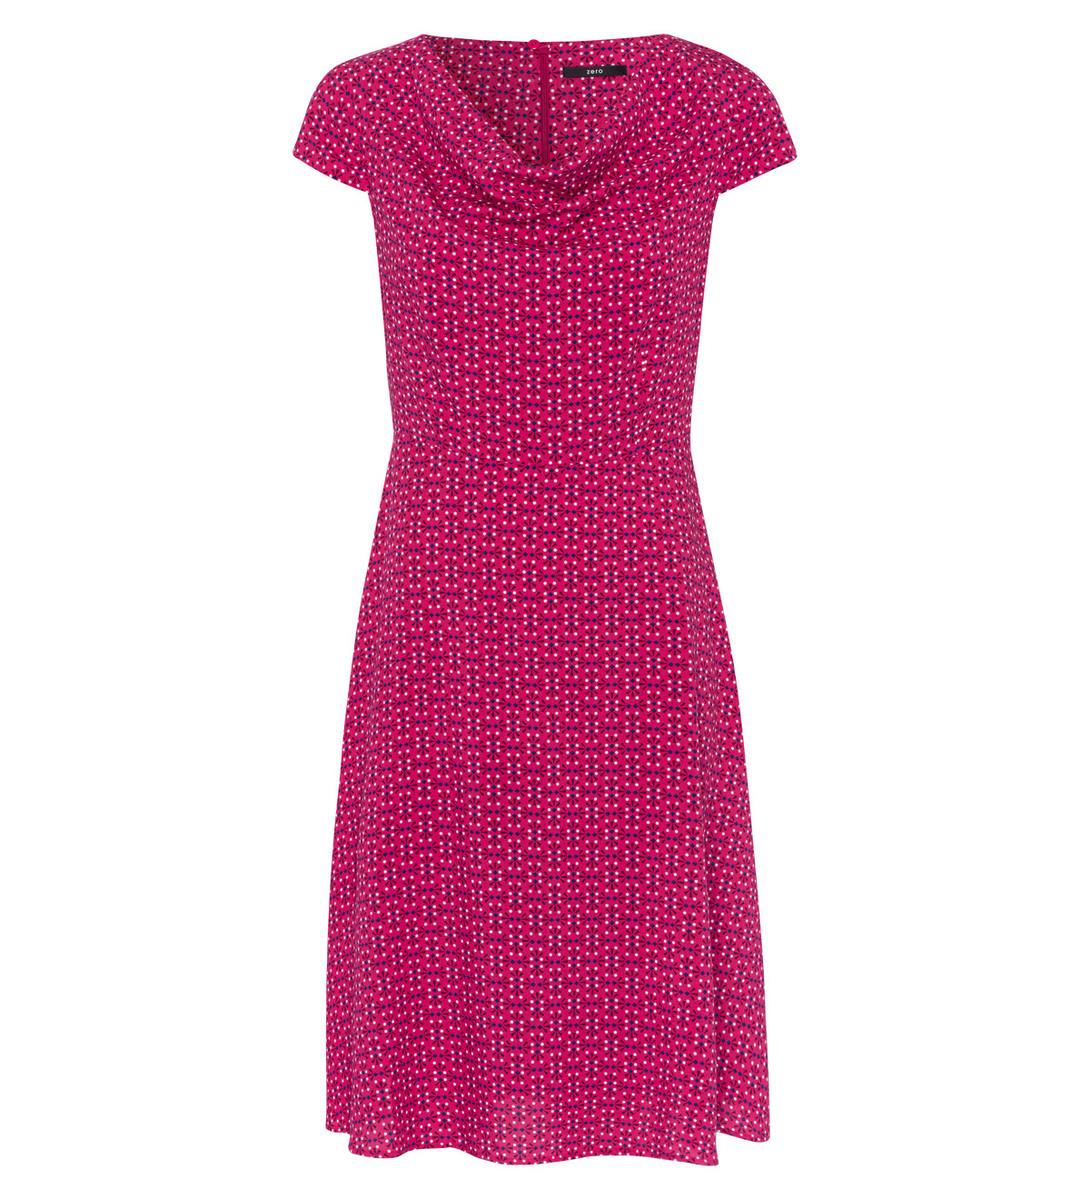 Kleid mit Alloverprint in bright pink